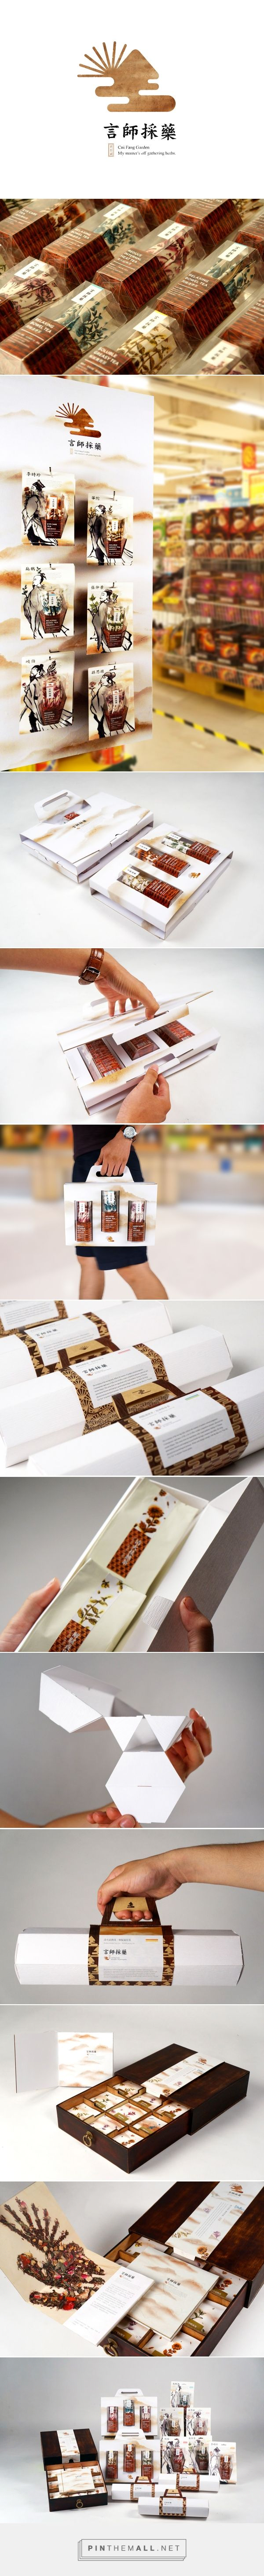 言師採藥 CAI YAO branding and packaging on on Behance curated by Packaging Diva PD. Hopes to inject new brand thinking, the traditional Chinese medicine prescription packaging innovation.